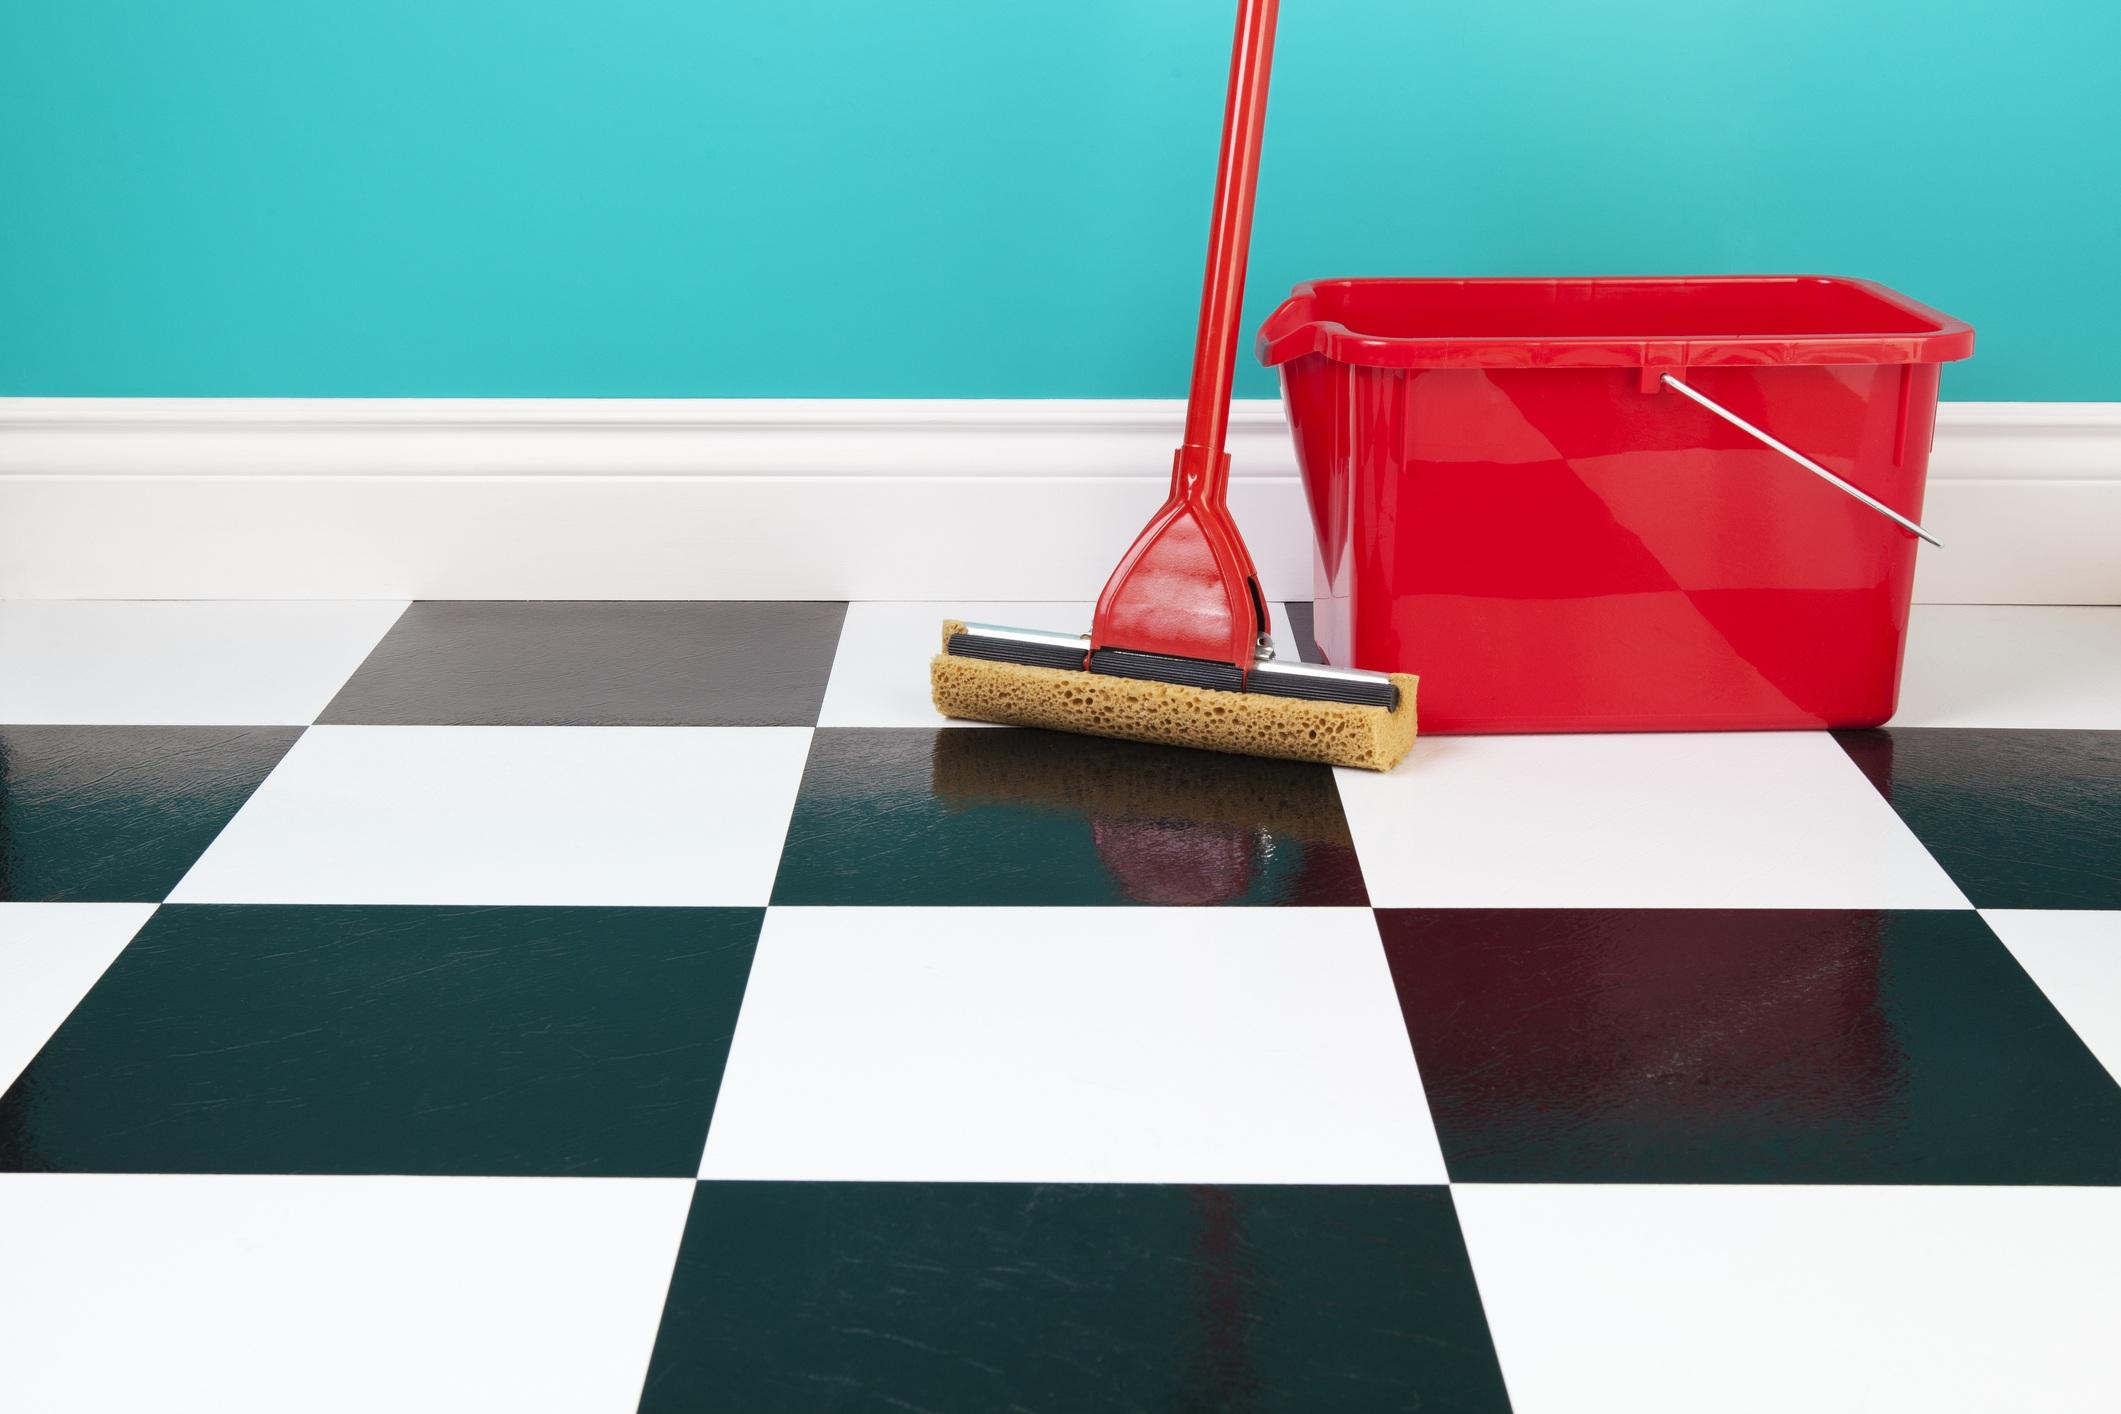 linoleum floor with mop and bucket